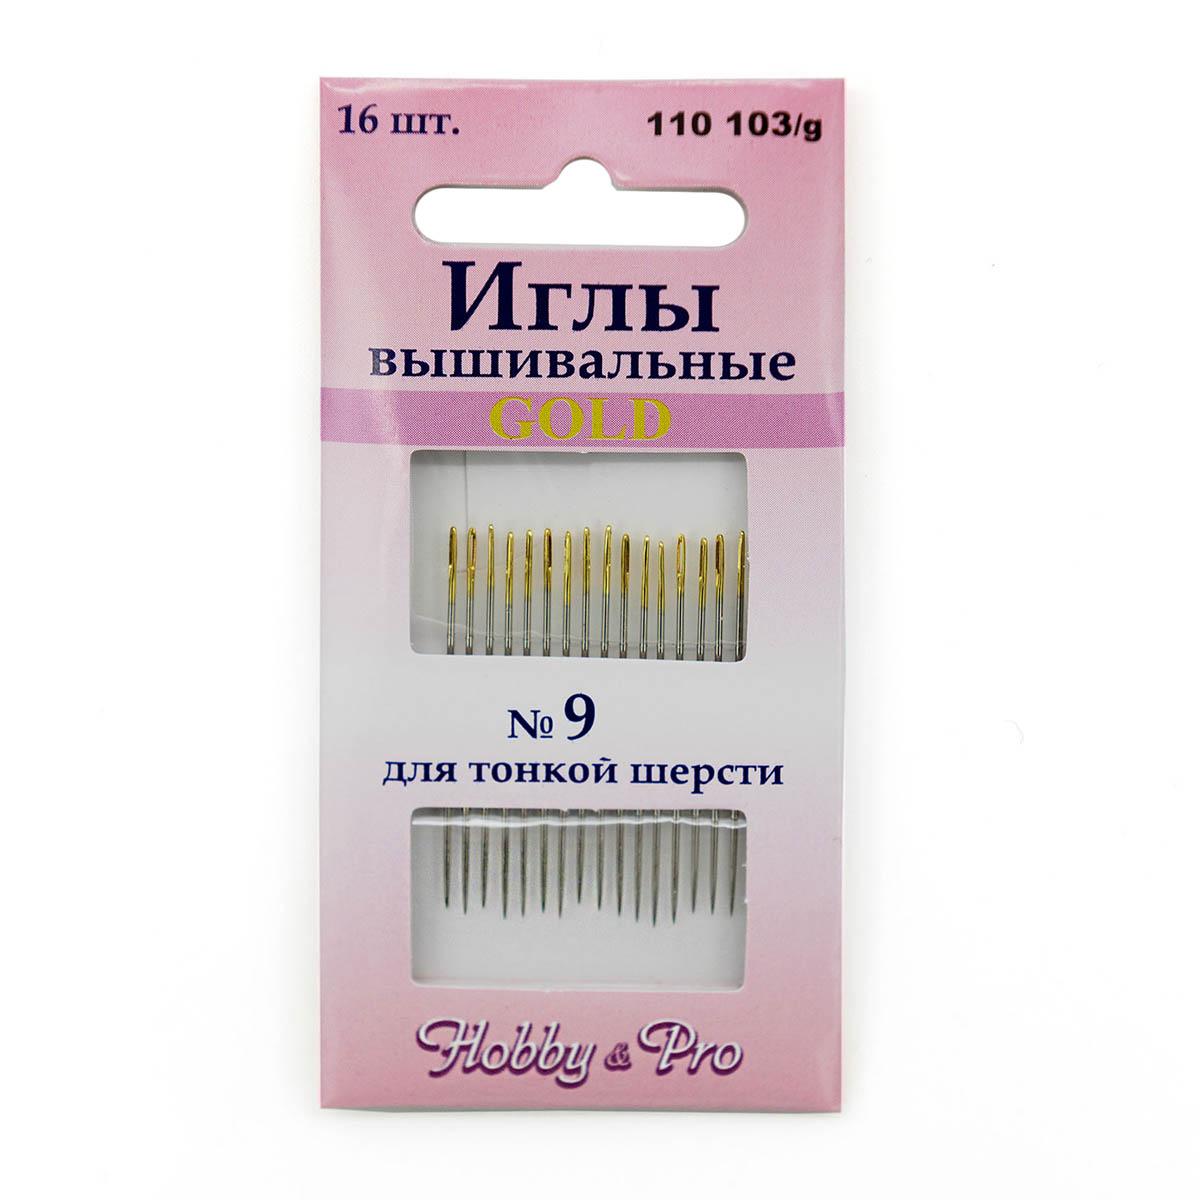 110103/g Иглы вышивальные с золотым ушком для тонкой шерсти №9, упак./16 шт. Hobby&Pro